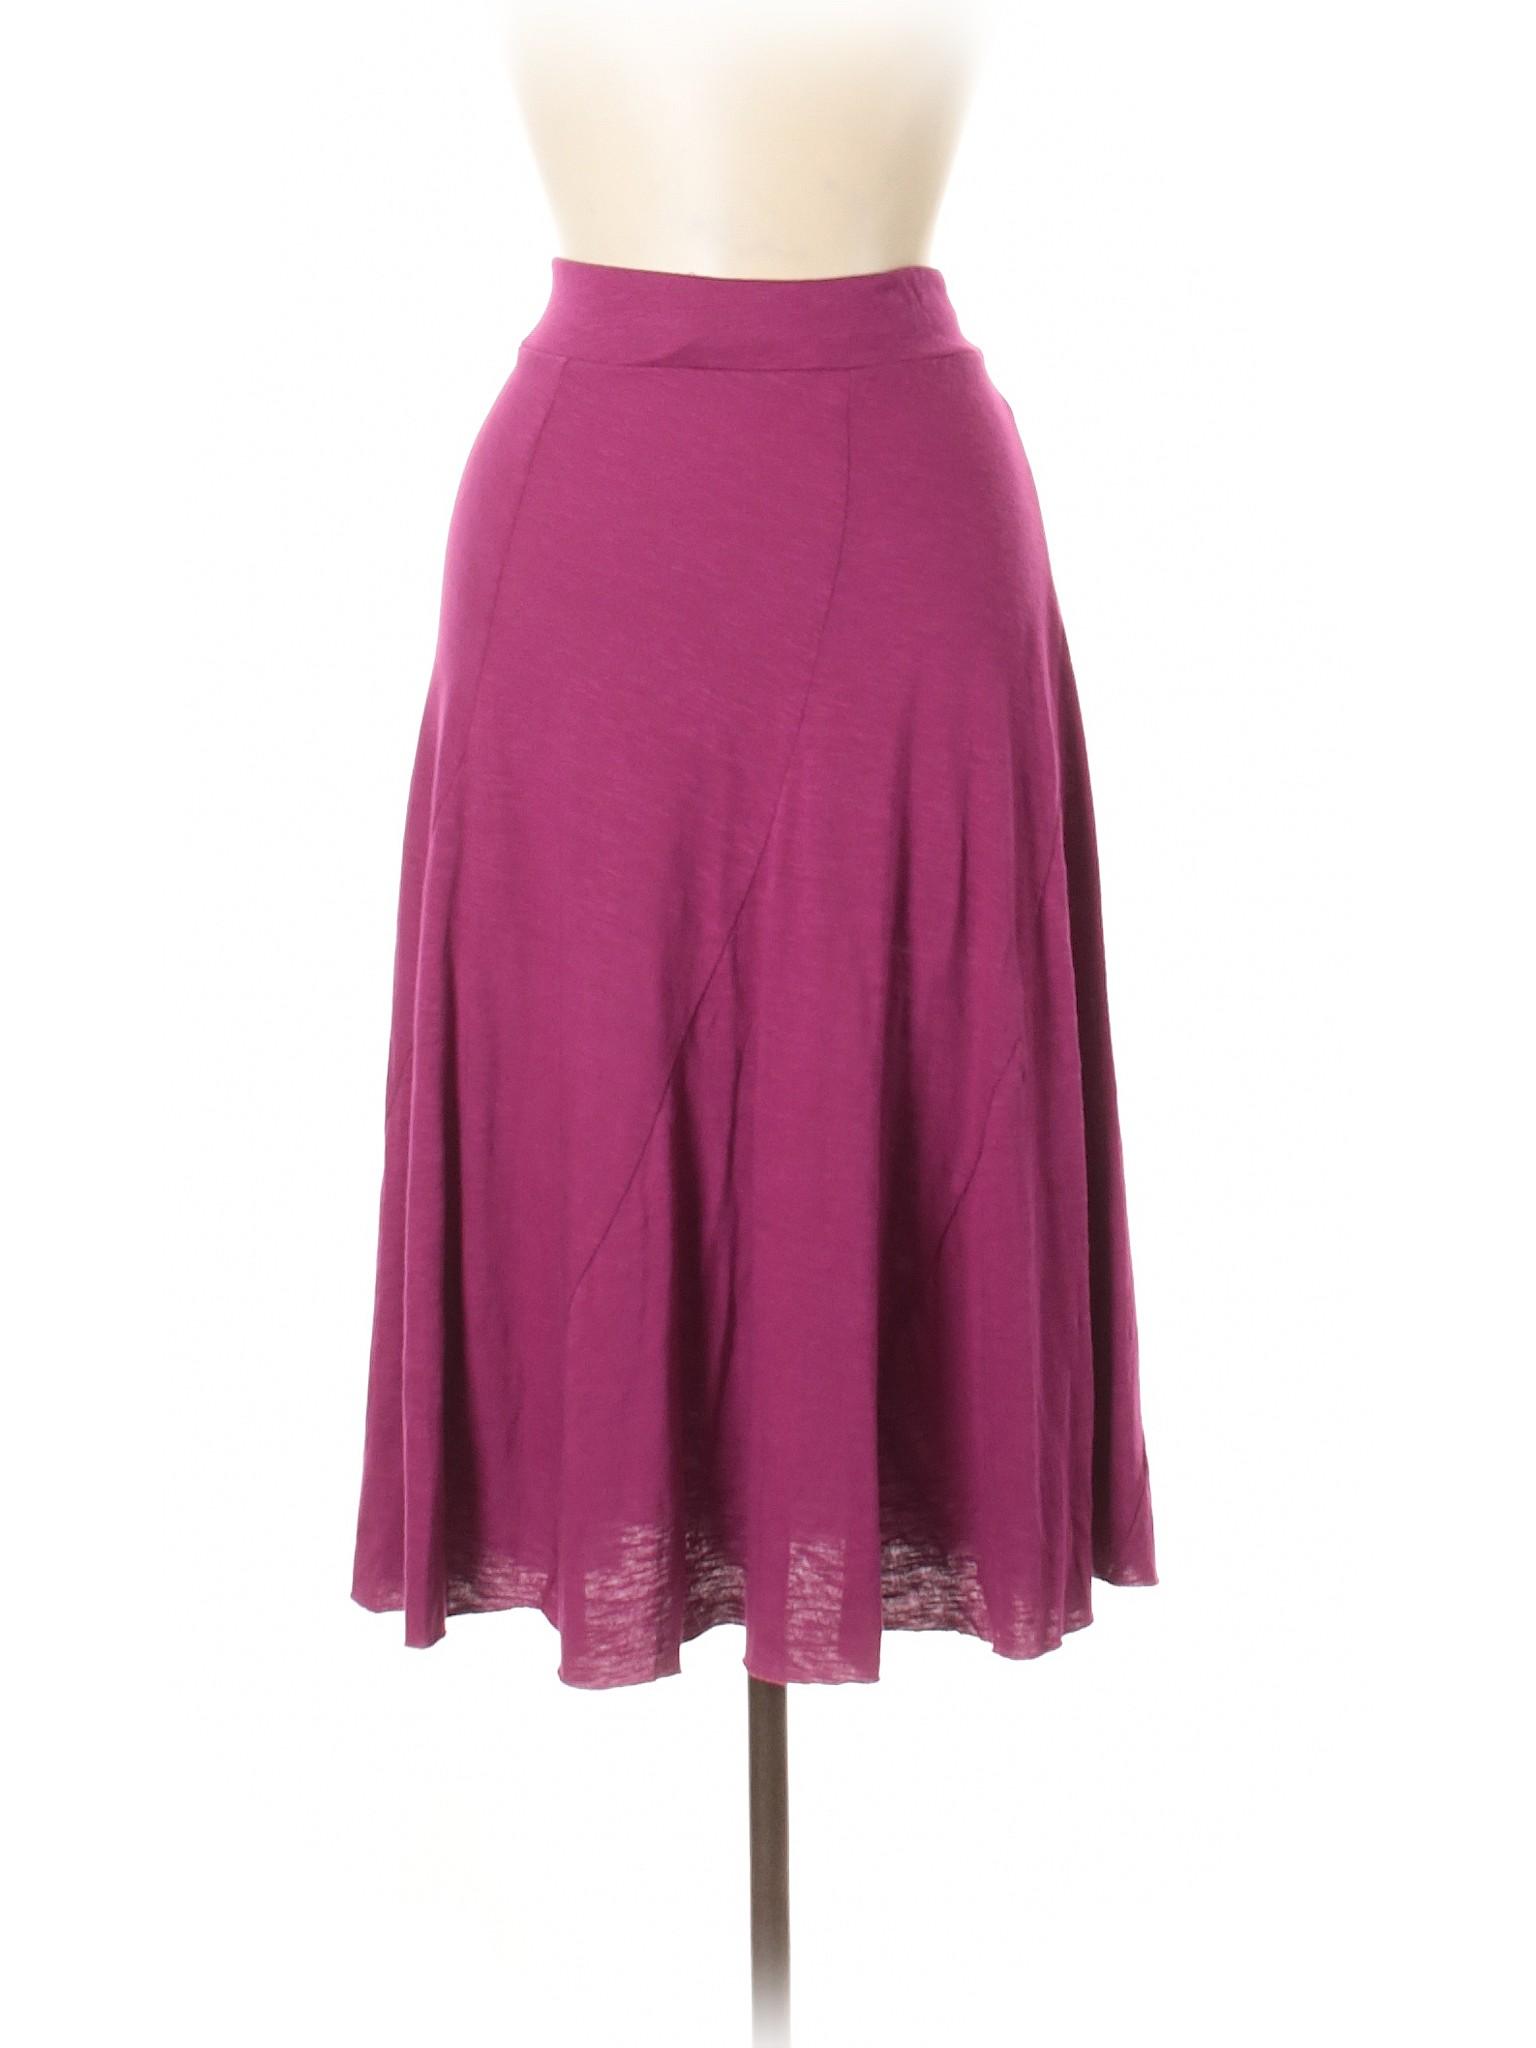 Boutique Skirt Casual Skirt Casual Boutique Boutique q4wECO1C